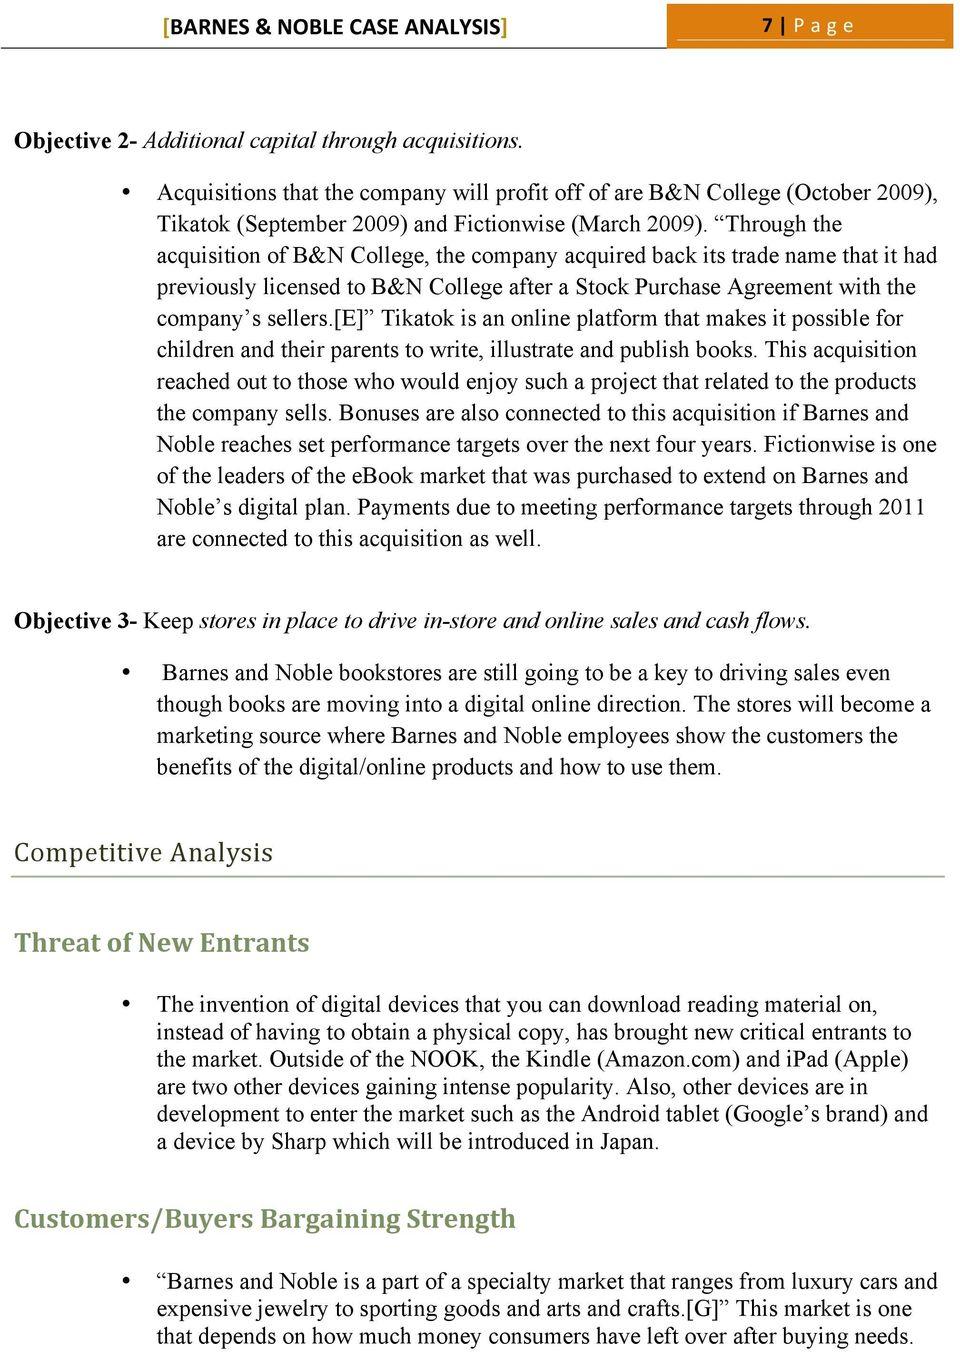 Barnes And Noble Job Application Pdf